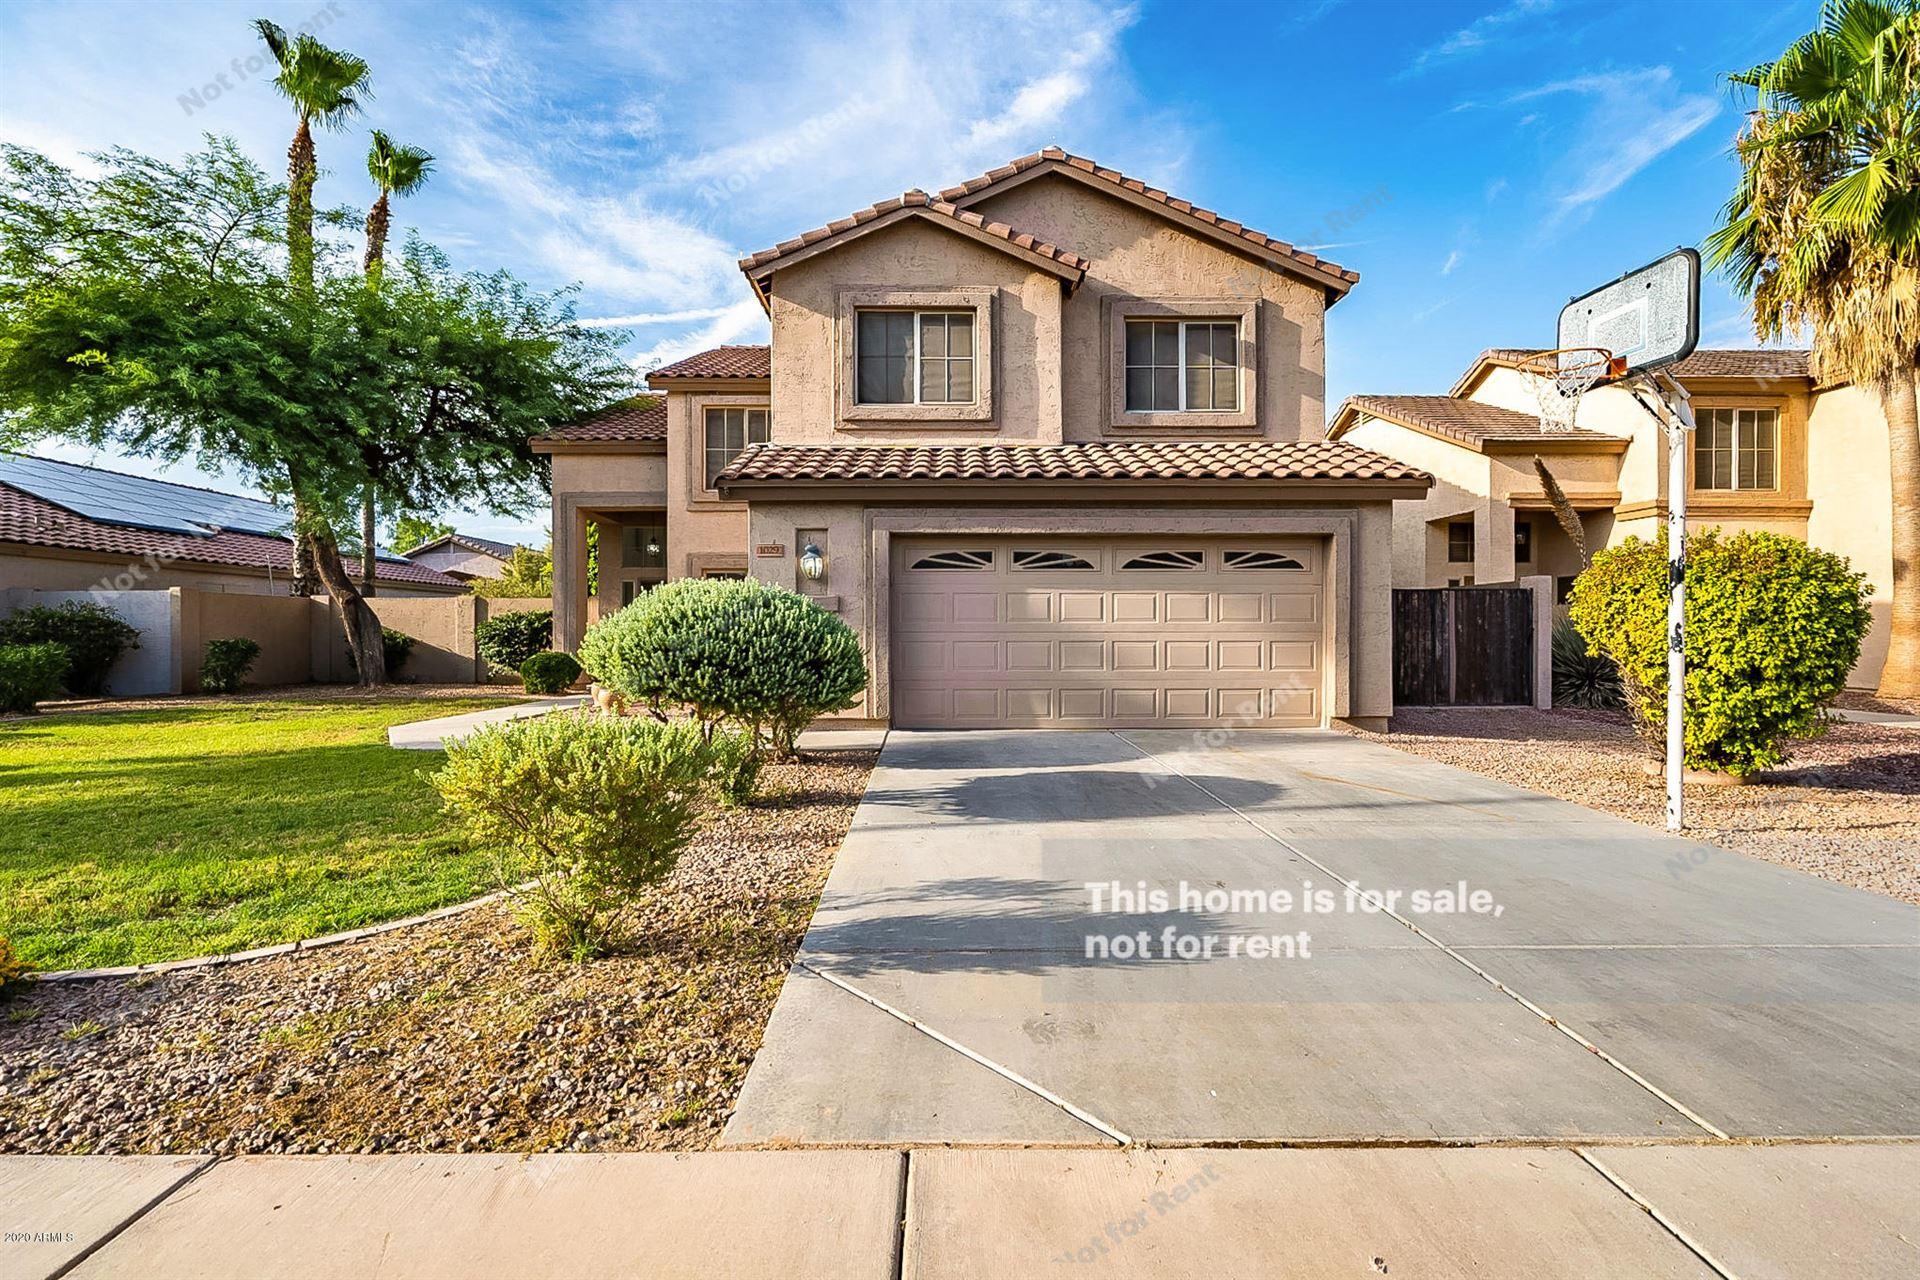 1029 W CHILTON Avenue, Gilbert, AZ 85233 - MLS#: 6107791